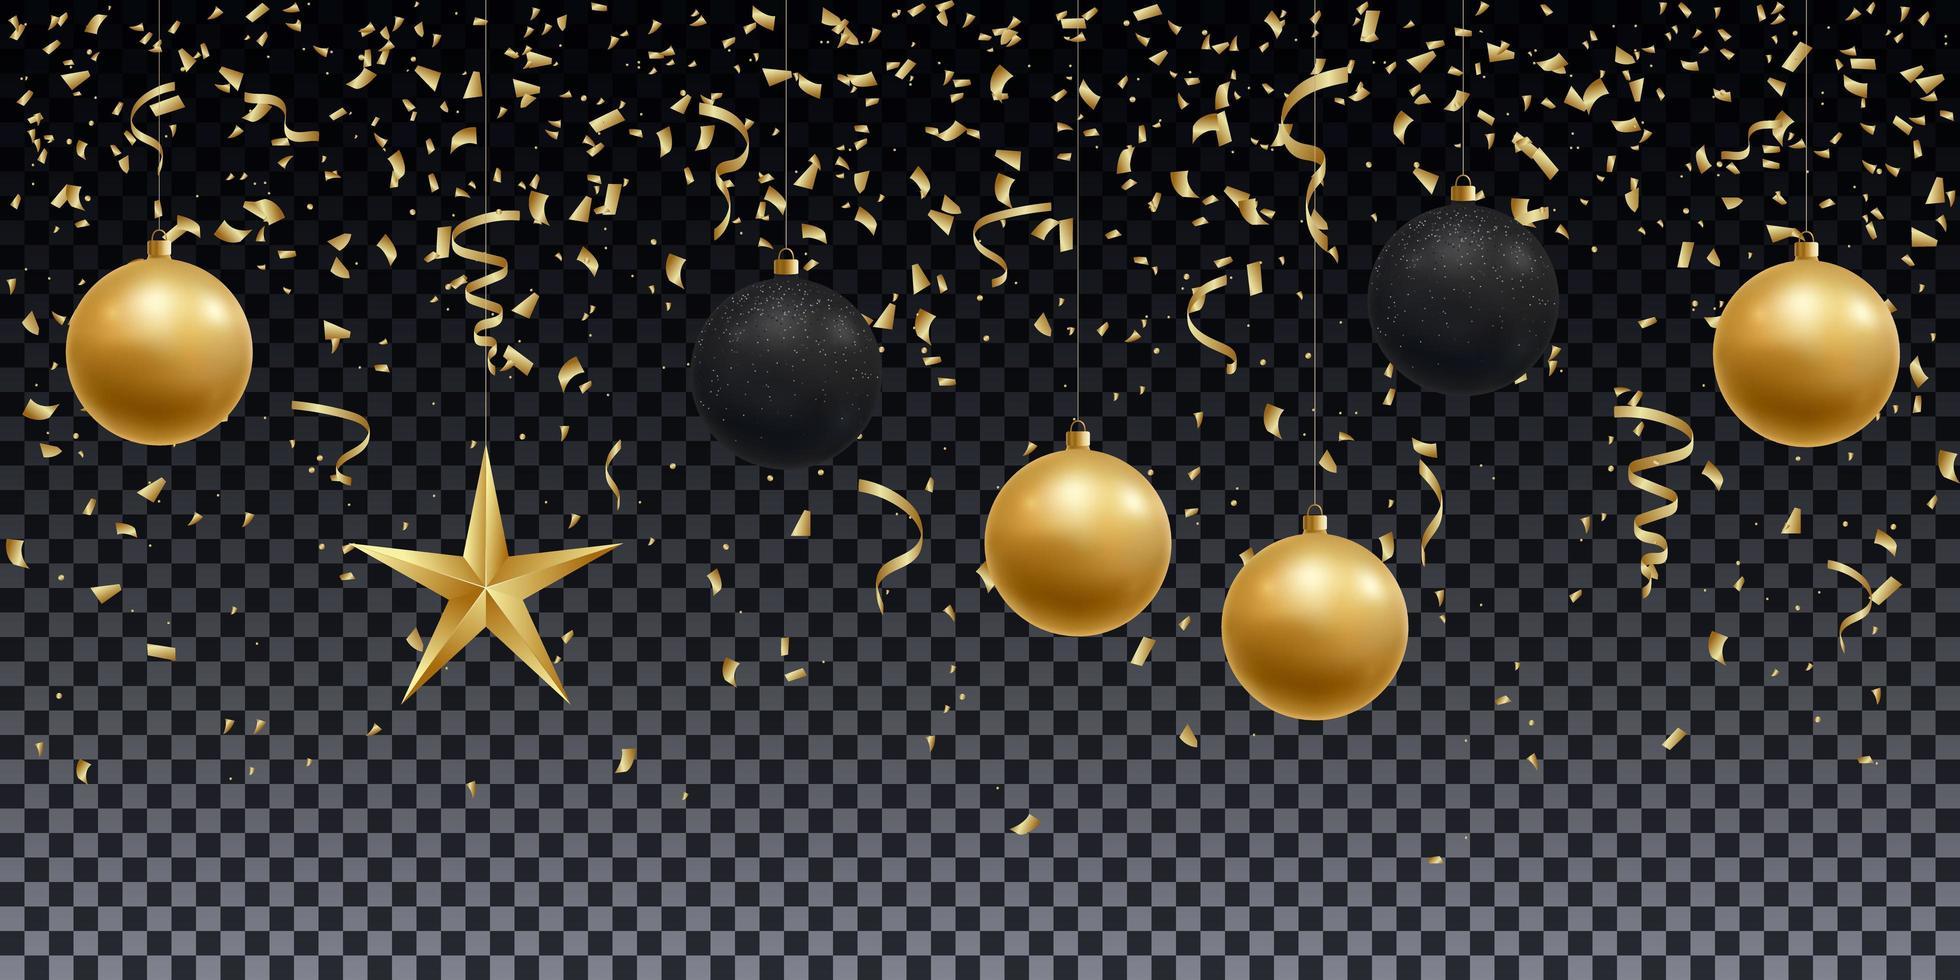 realistisch glänzende goldene und schwarze Kugeln, Stern und Konfetti vektor